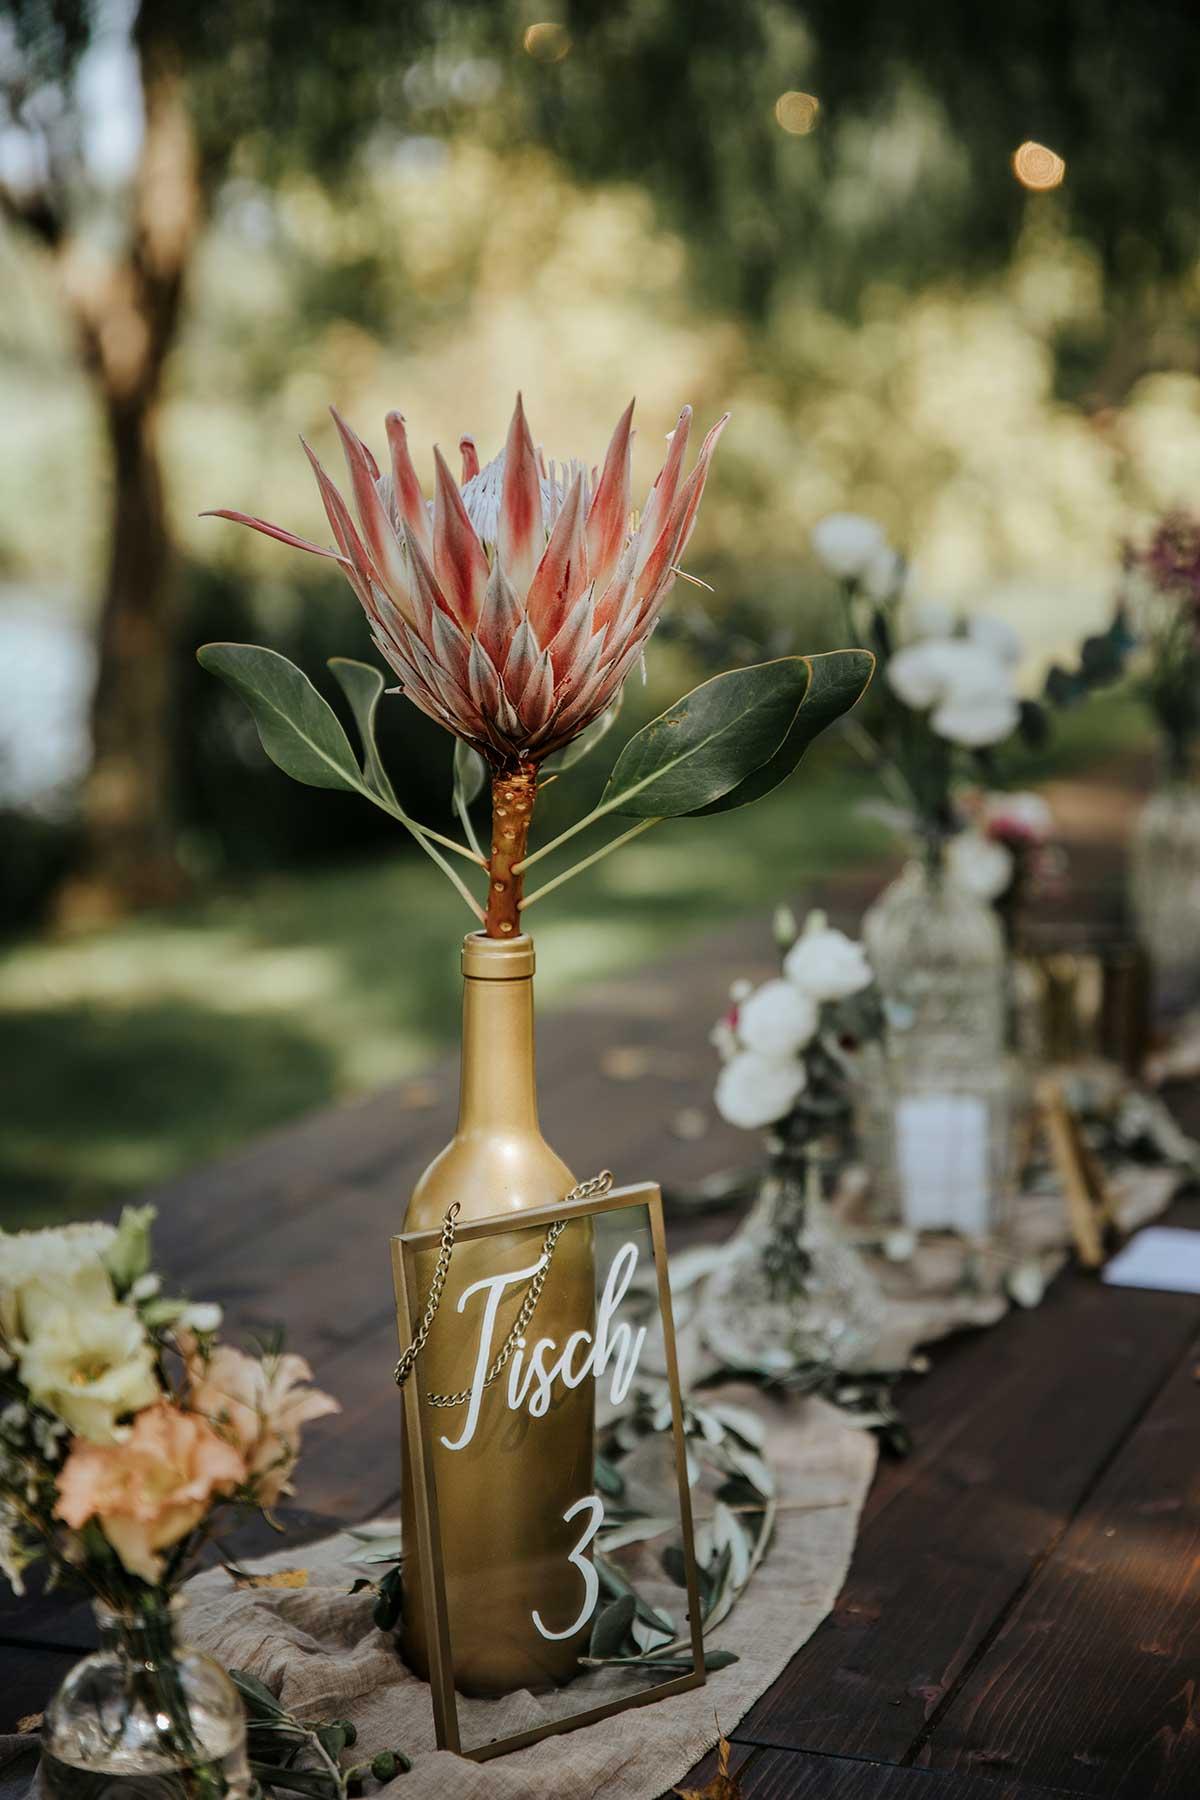 Tischnummer auf dem Tisch bei der Hochzeit